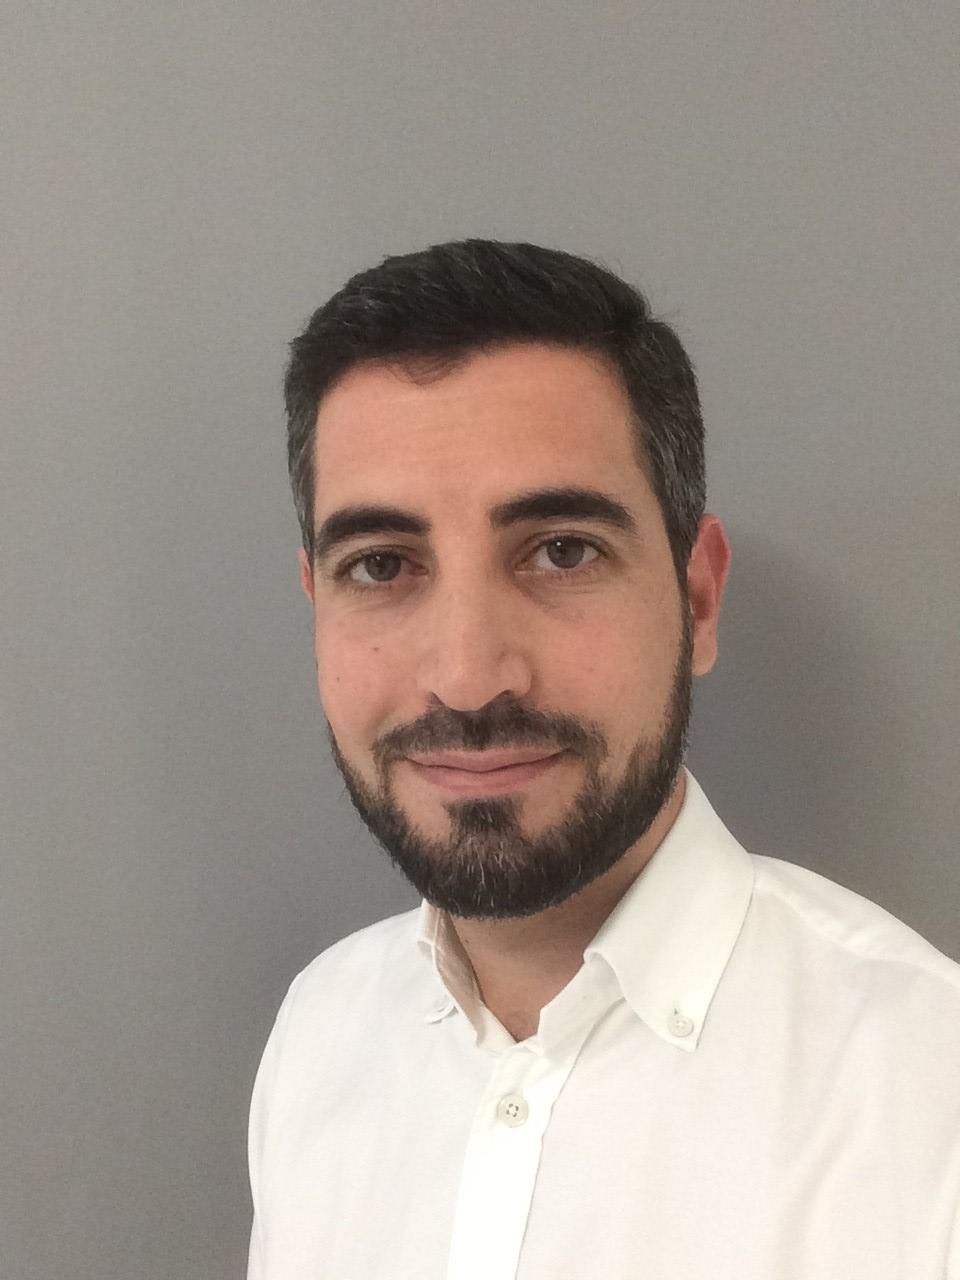 Picture of Osama Abazeed - Tendeka Business Development Manager - GCC